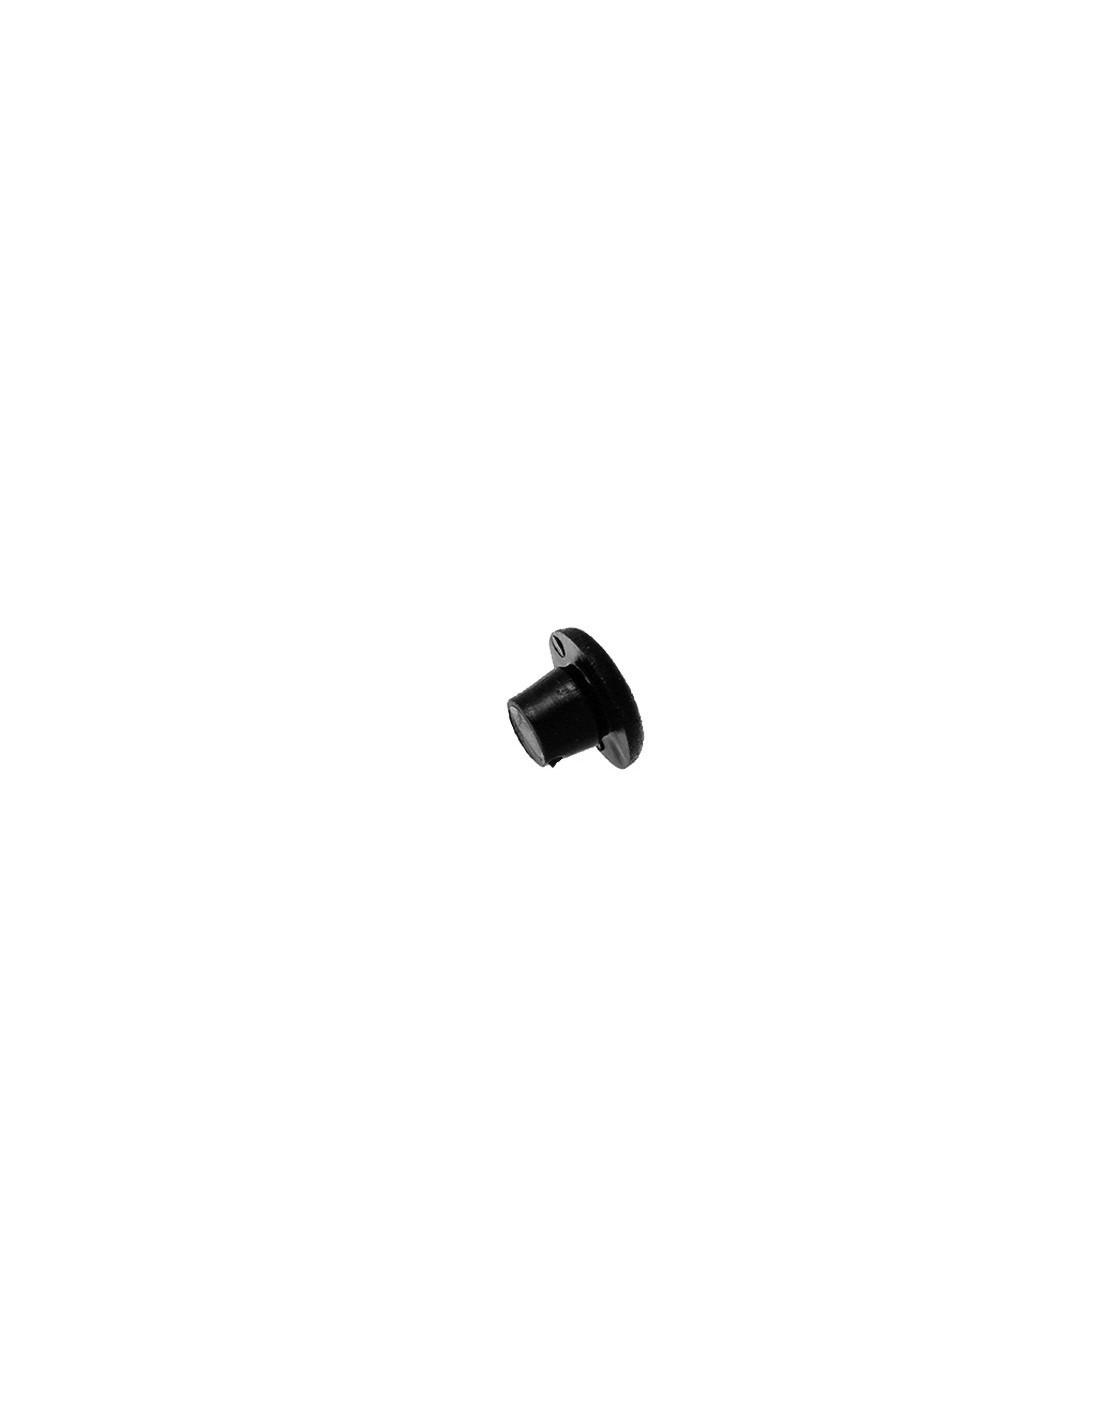 GPZ00766 - Tillbehör och reservdelar luftkylt - Gummifötter Lindr Pygmy